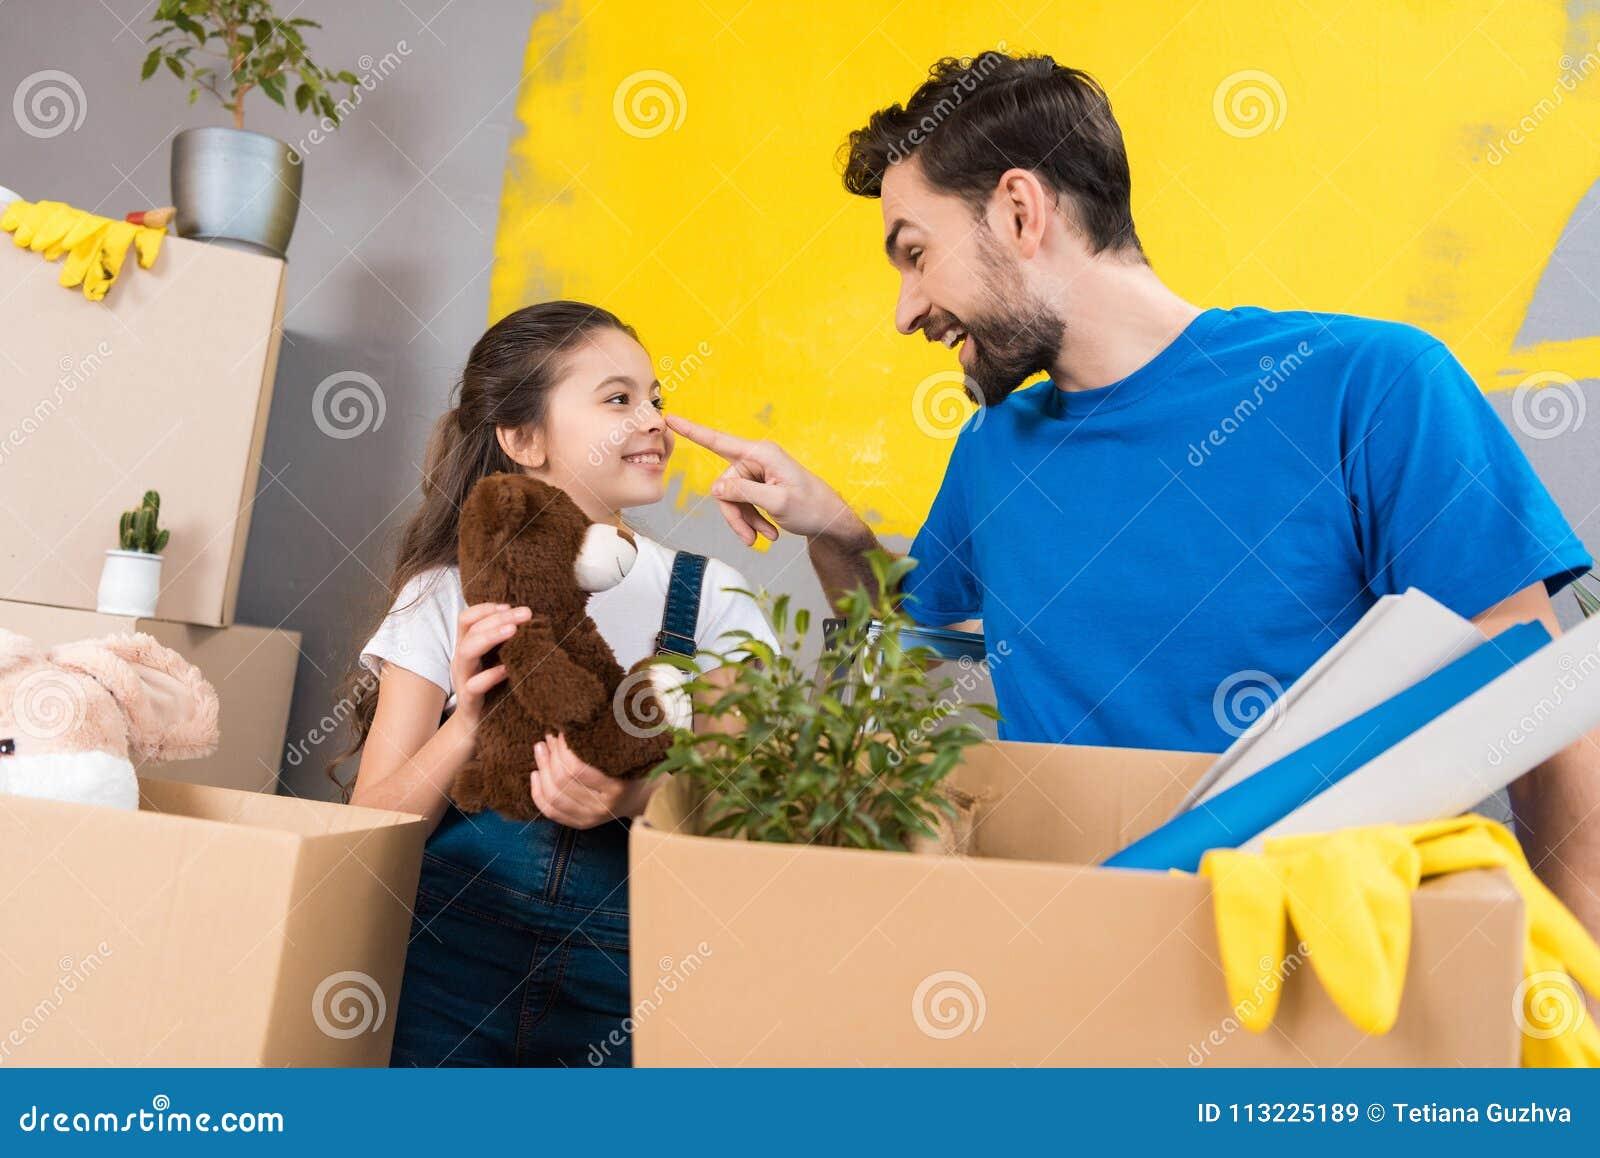 Счастливая маленькая девочка с коробкой игрушек плюша смотрит отца который начал ремонт в доме